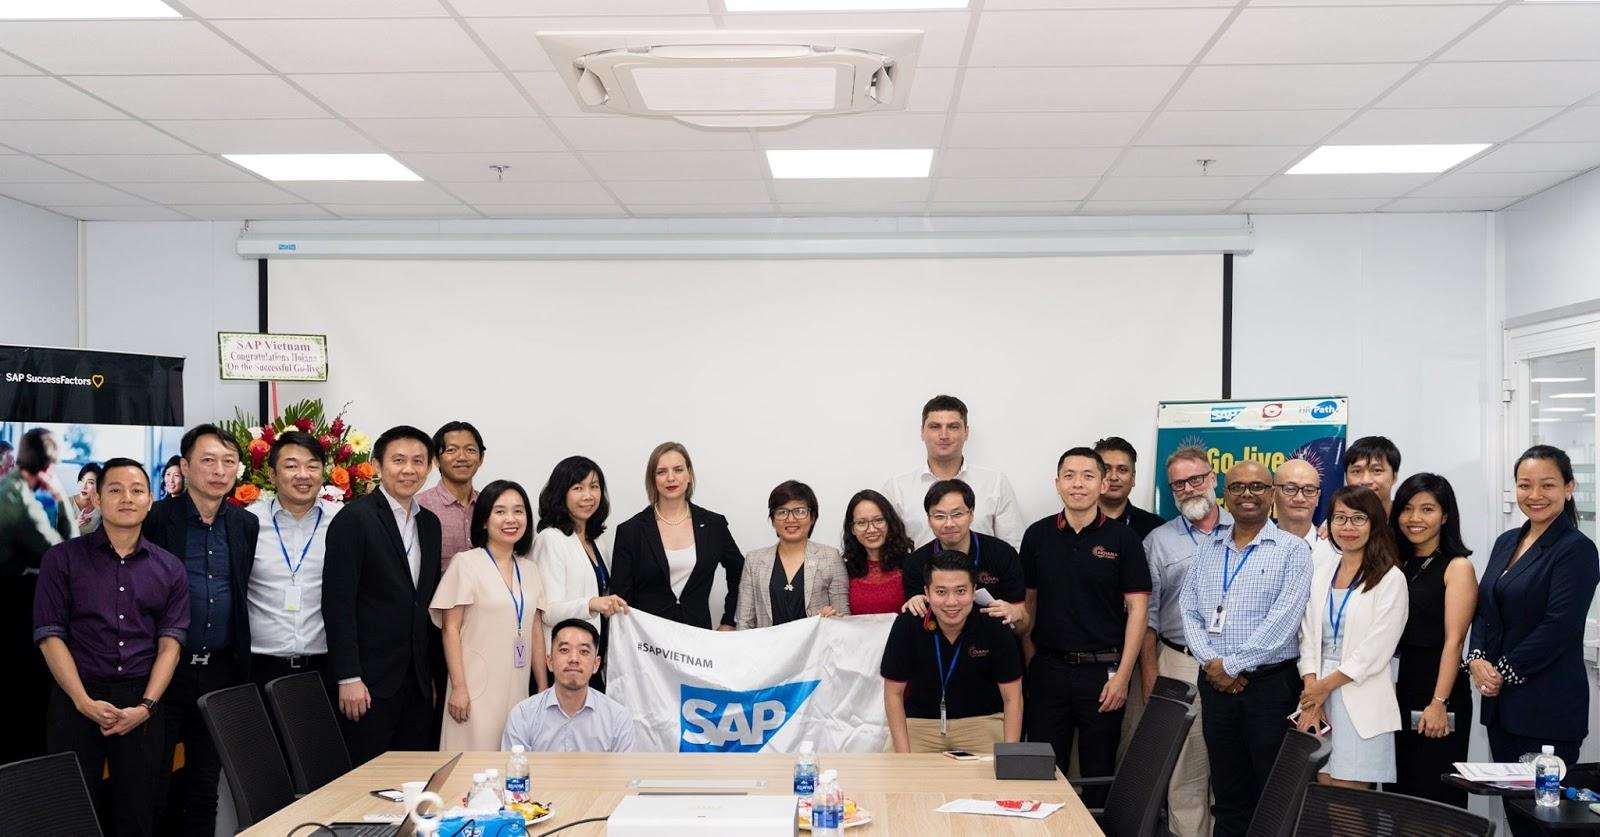 ABEO cùng đối tác kỉ niệm GoLive thành công dự án Hoiana SAP S4/ HANA chuyên về lĩnh vực phần mềm SAP quản lý nhà hàng